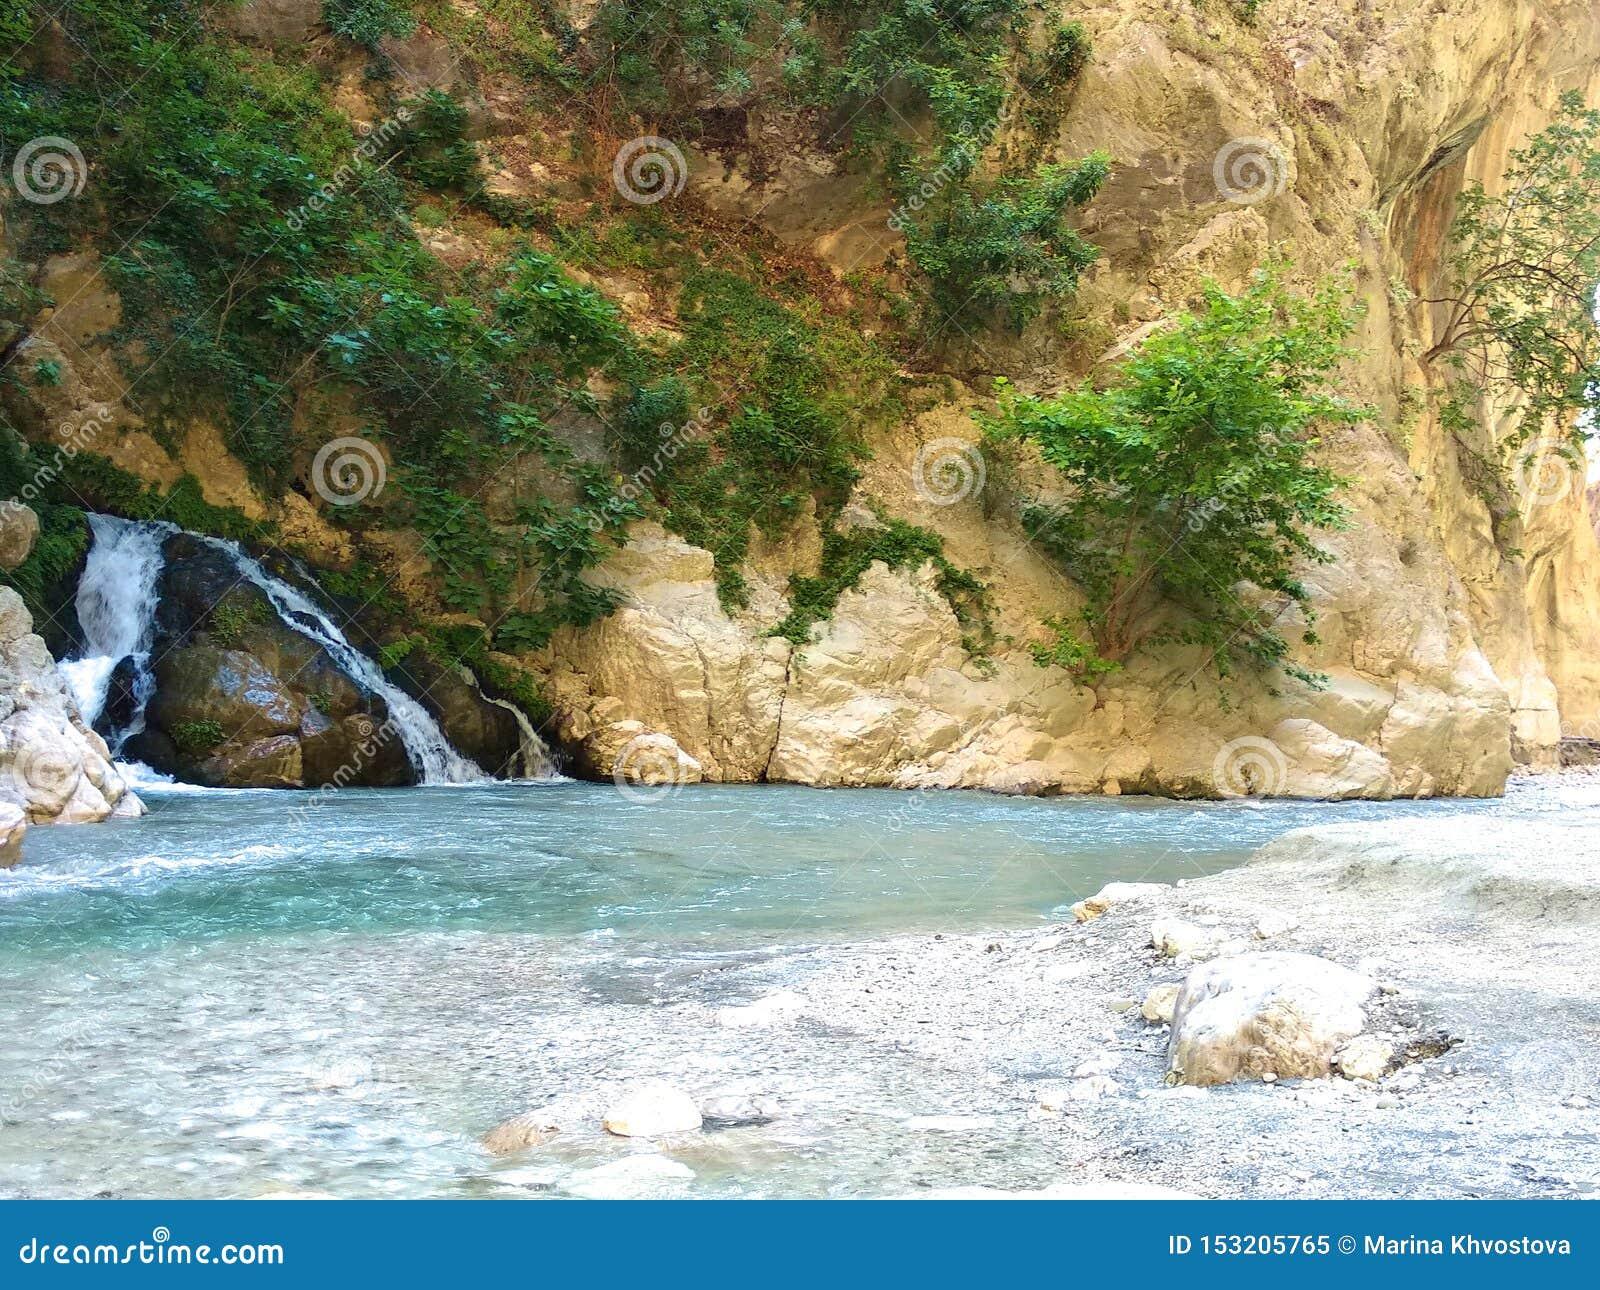 Небольшой водопад в горах. Жаркий летний солнечный день.